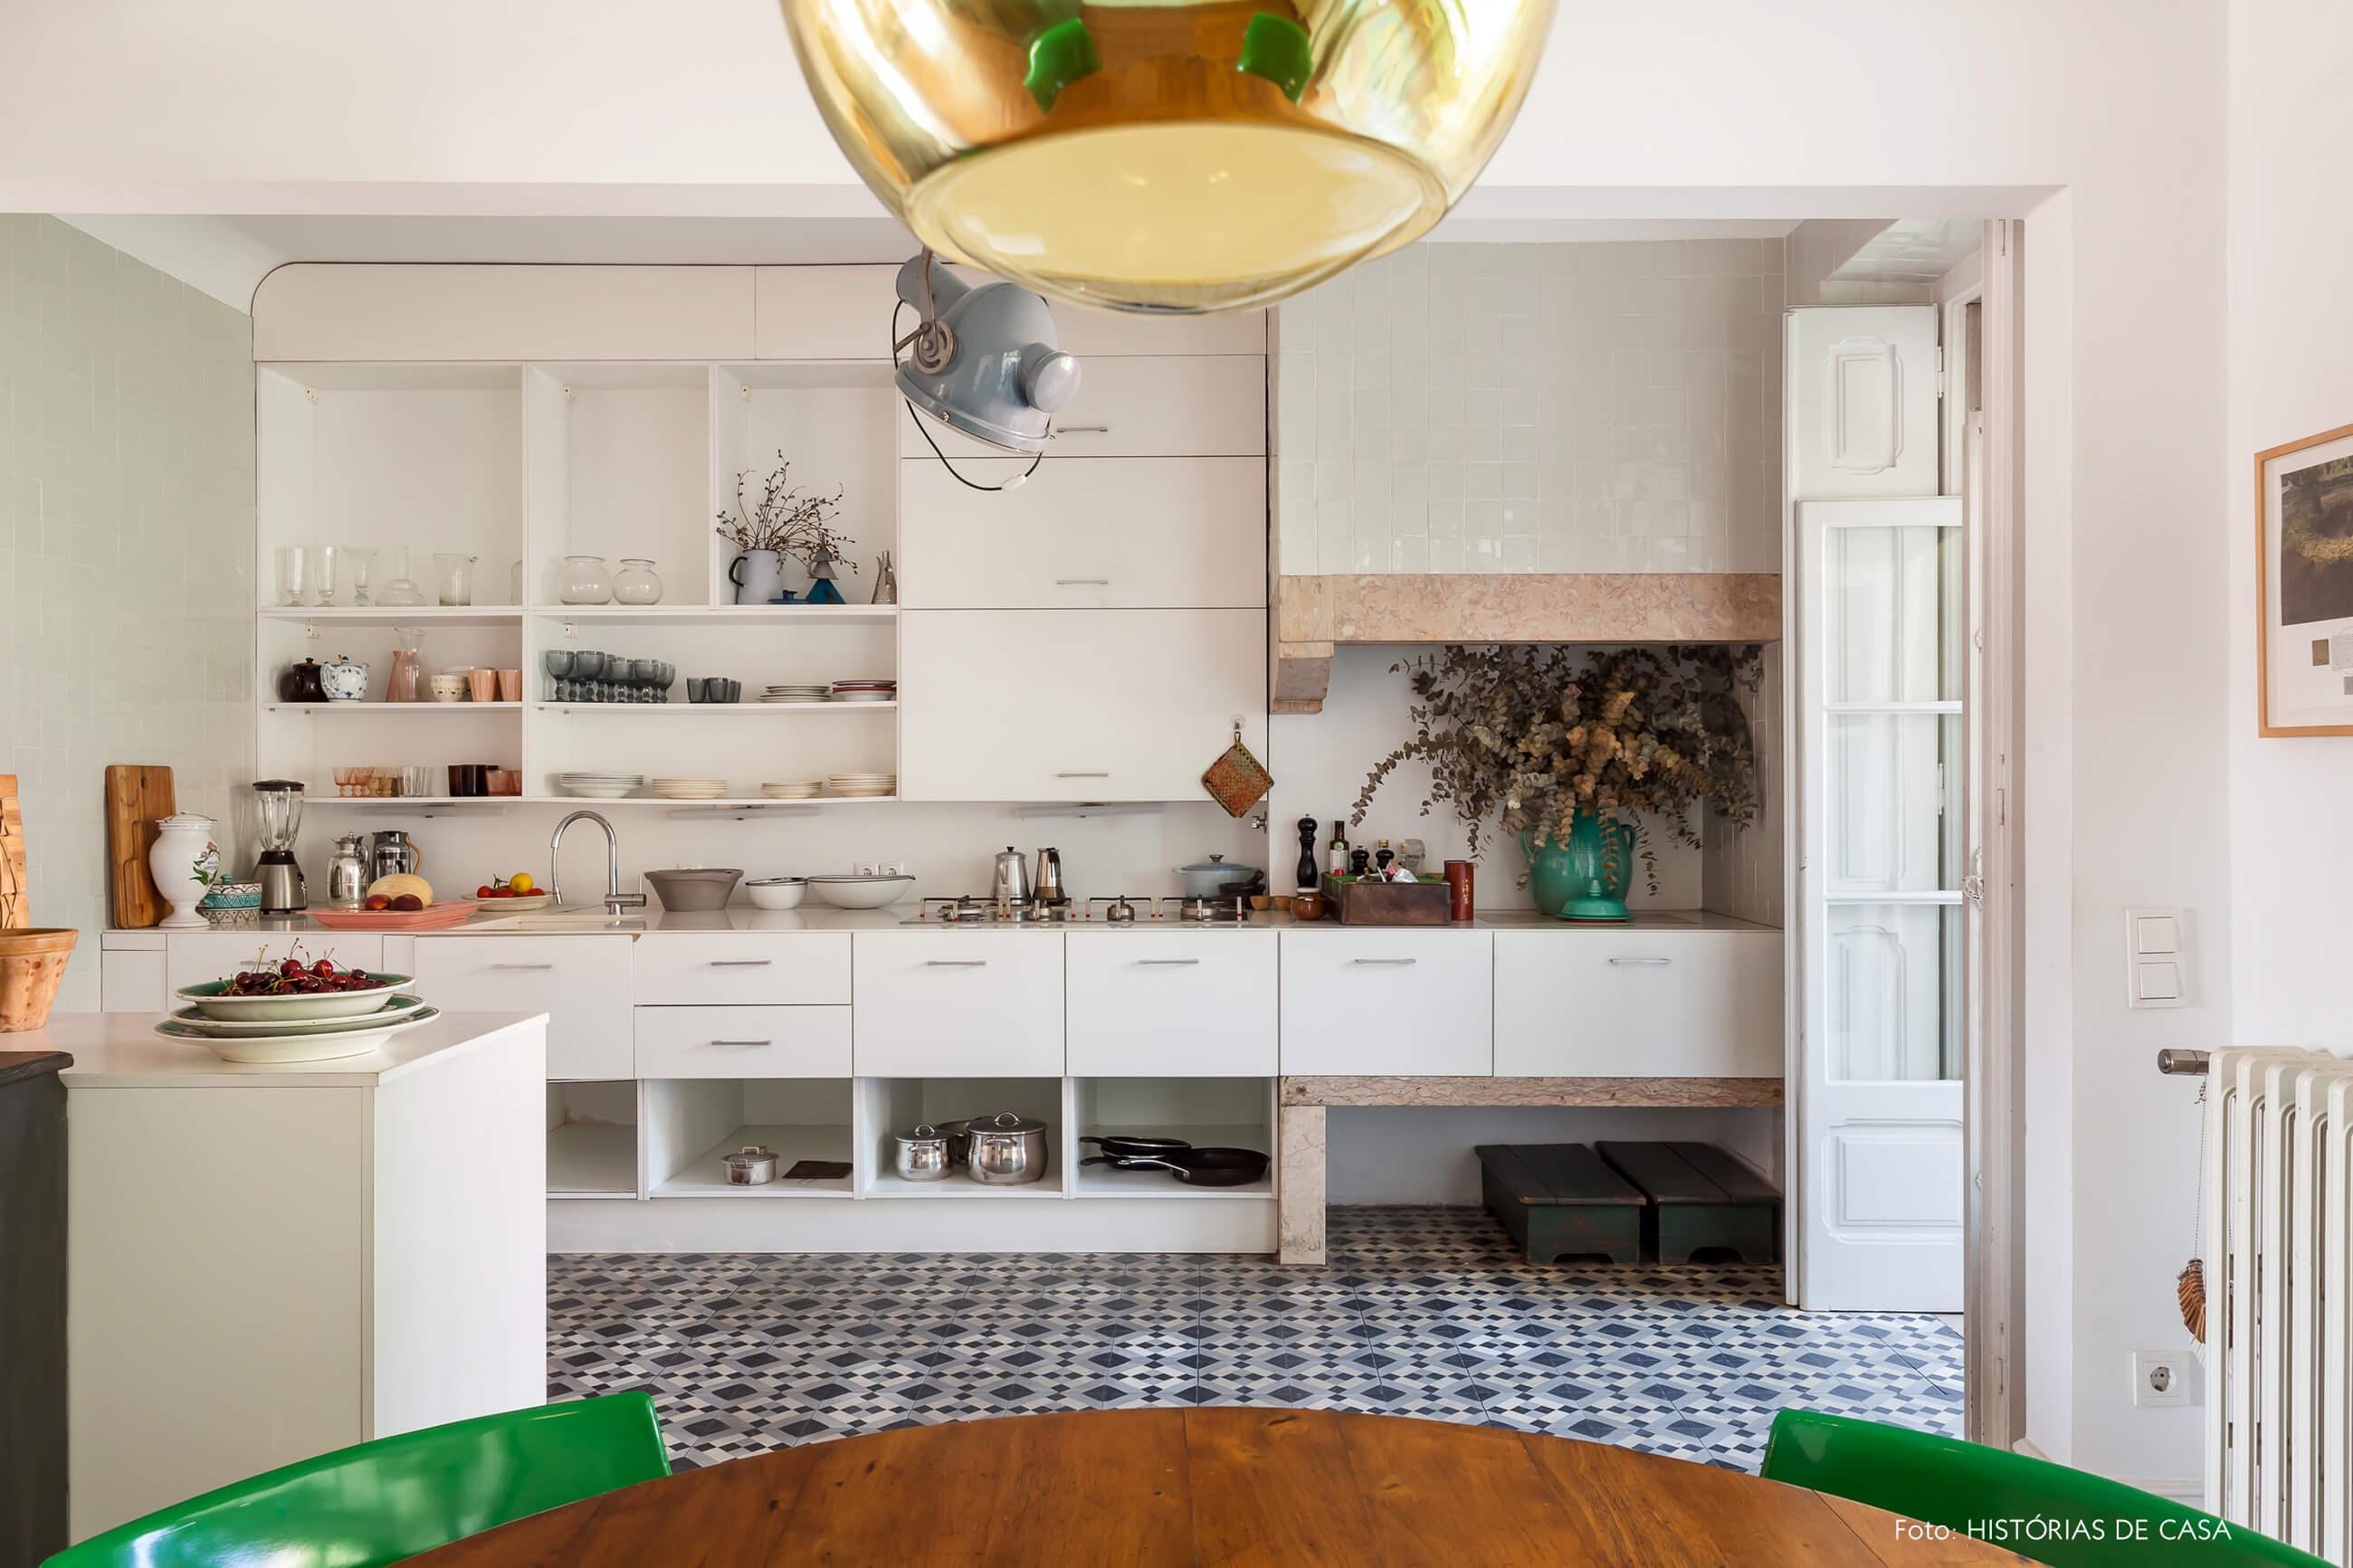 decoração da cozinha com caderias verdes luminária dourada e armários brancos